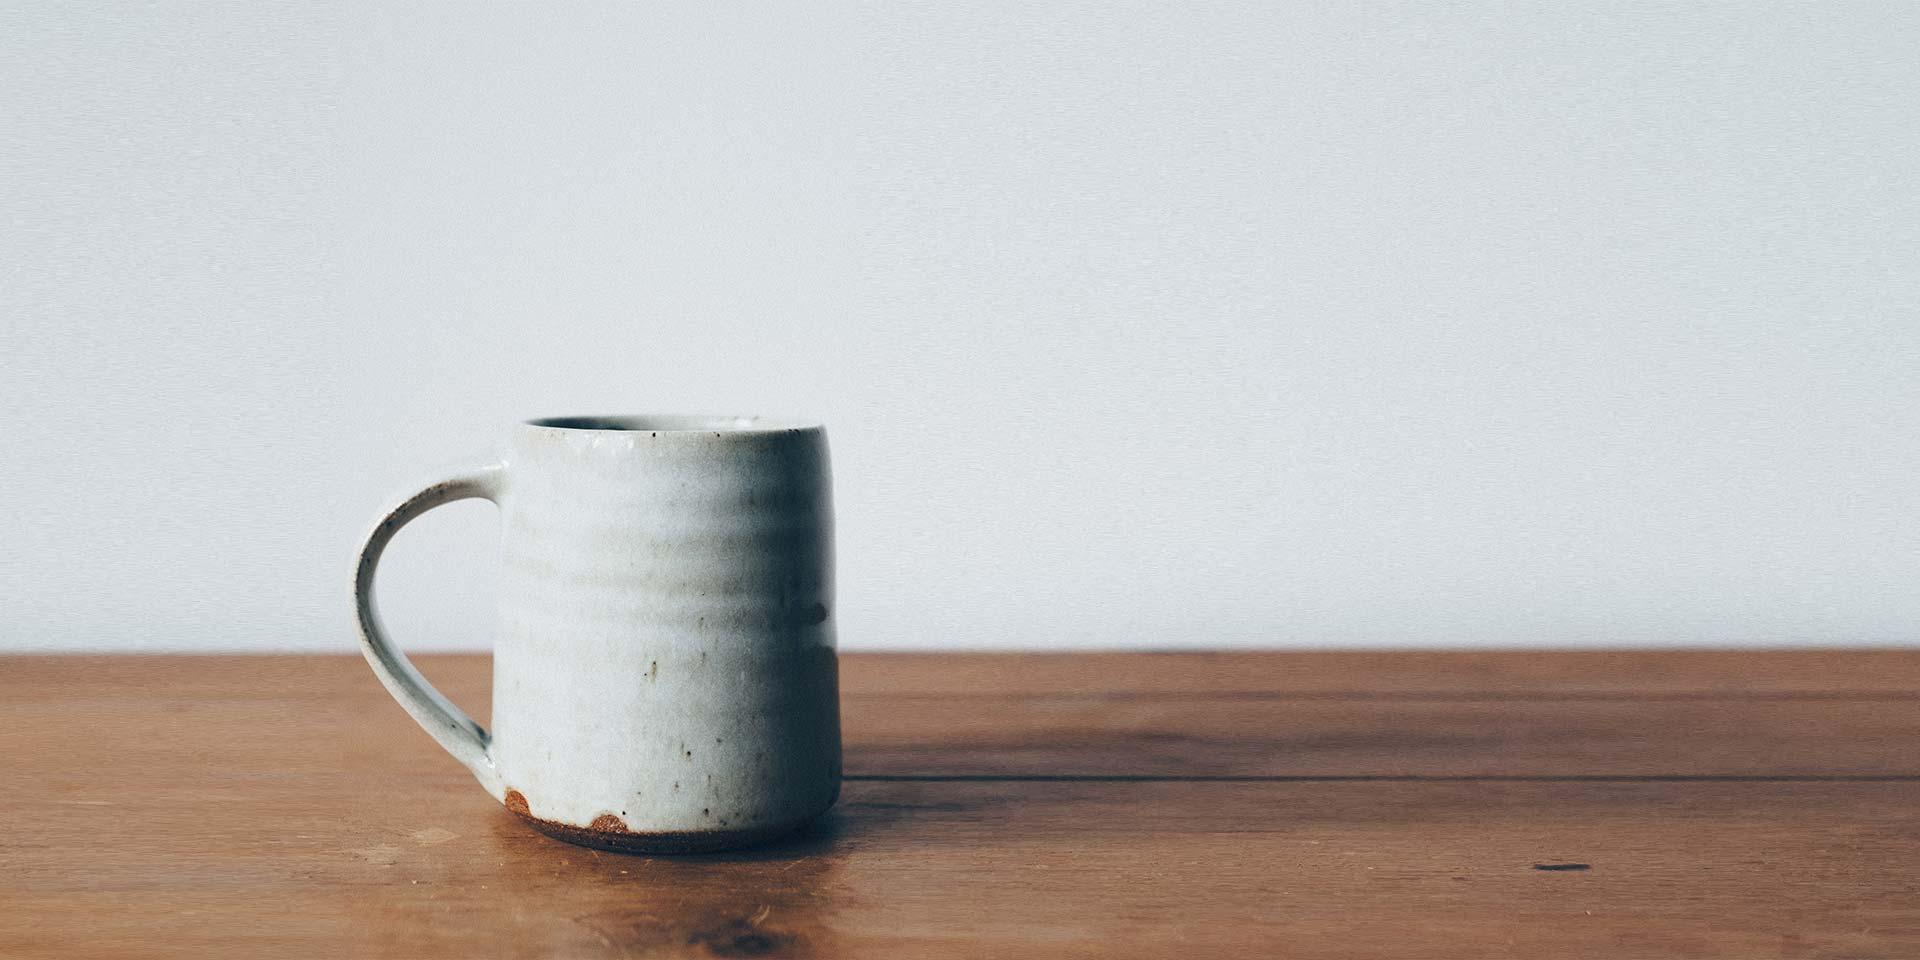 renovation tea natural remedies